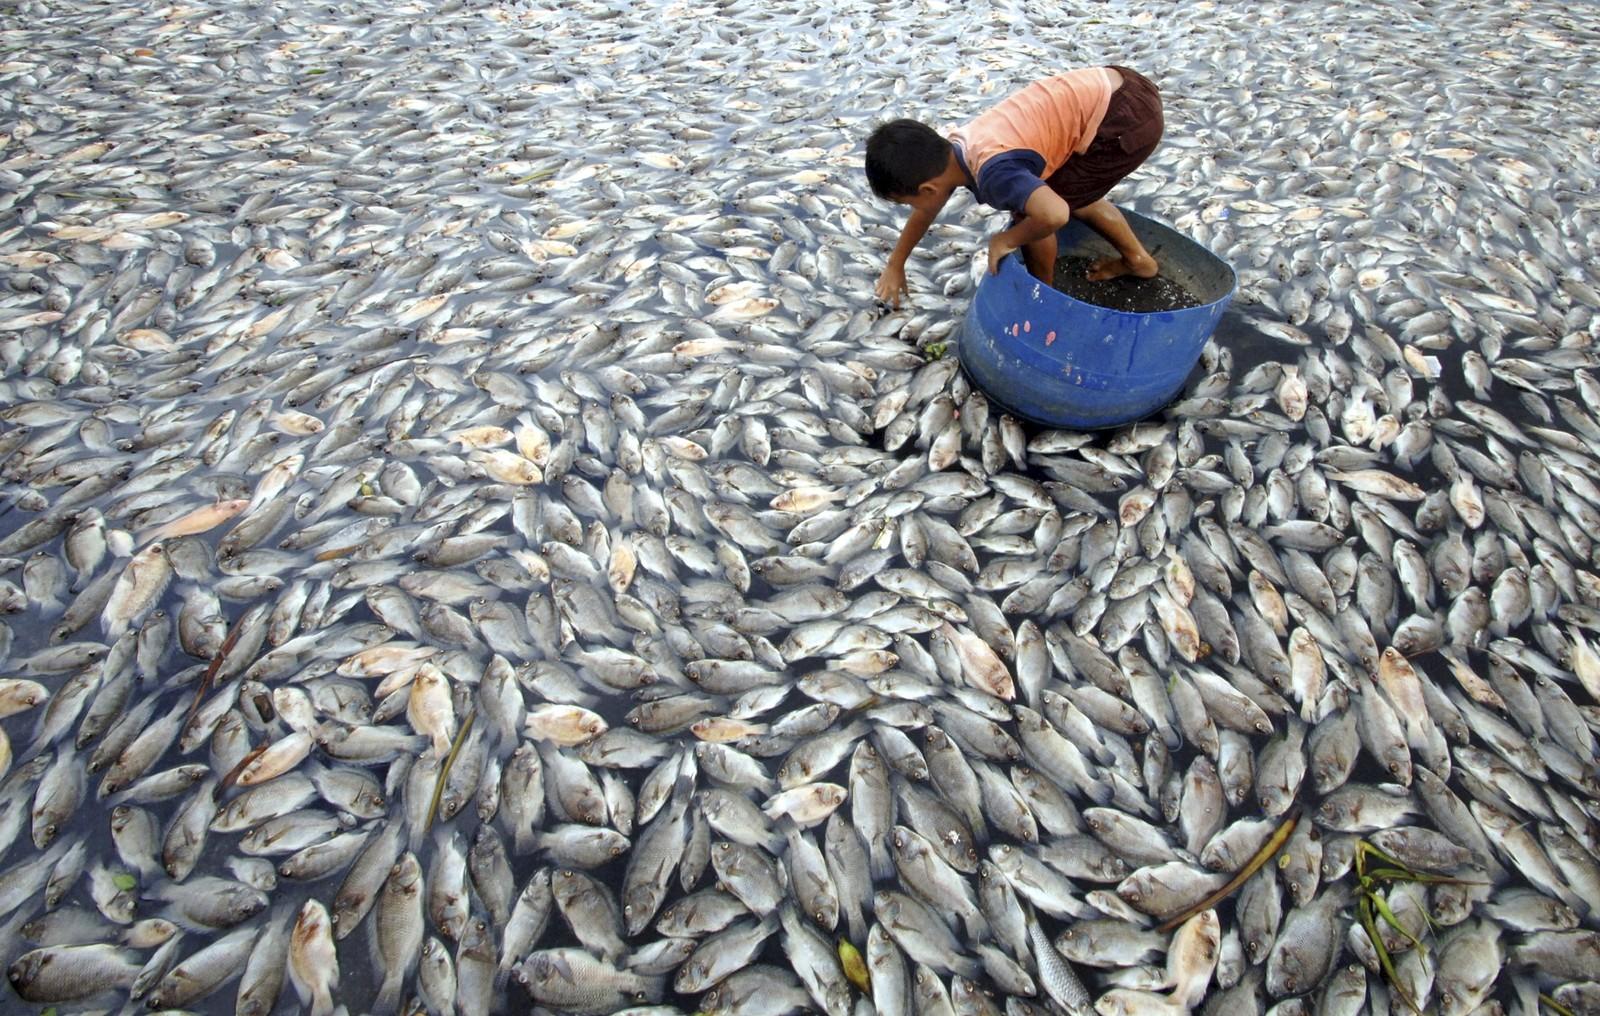 En gutt samlet i februar døde fisk ved innsjøen Maninjau på Sumatra i Indonesia. Sterke vinder, som igjen førte til lavt oksygeninnhold i vannet, ble oppgitt å være årsaken til at opp mot 30 tonn fisk skal ha dødd.